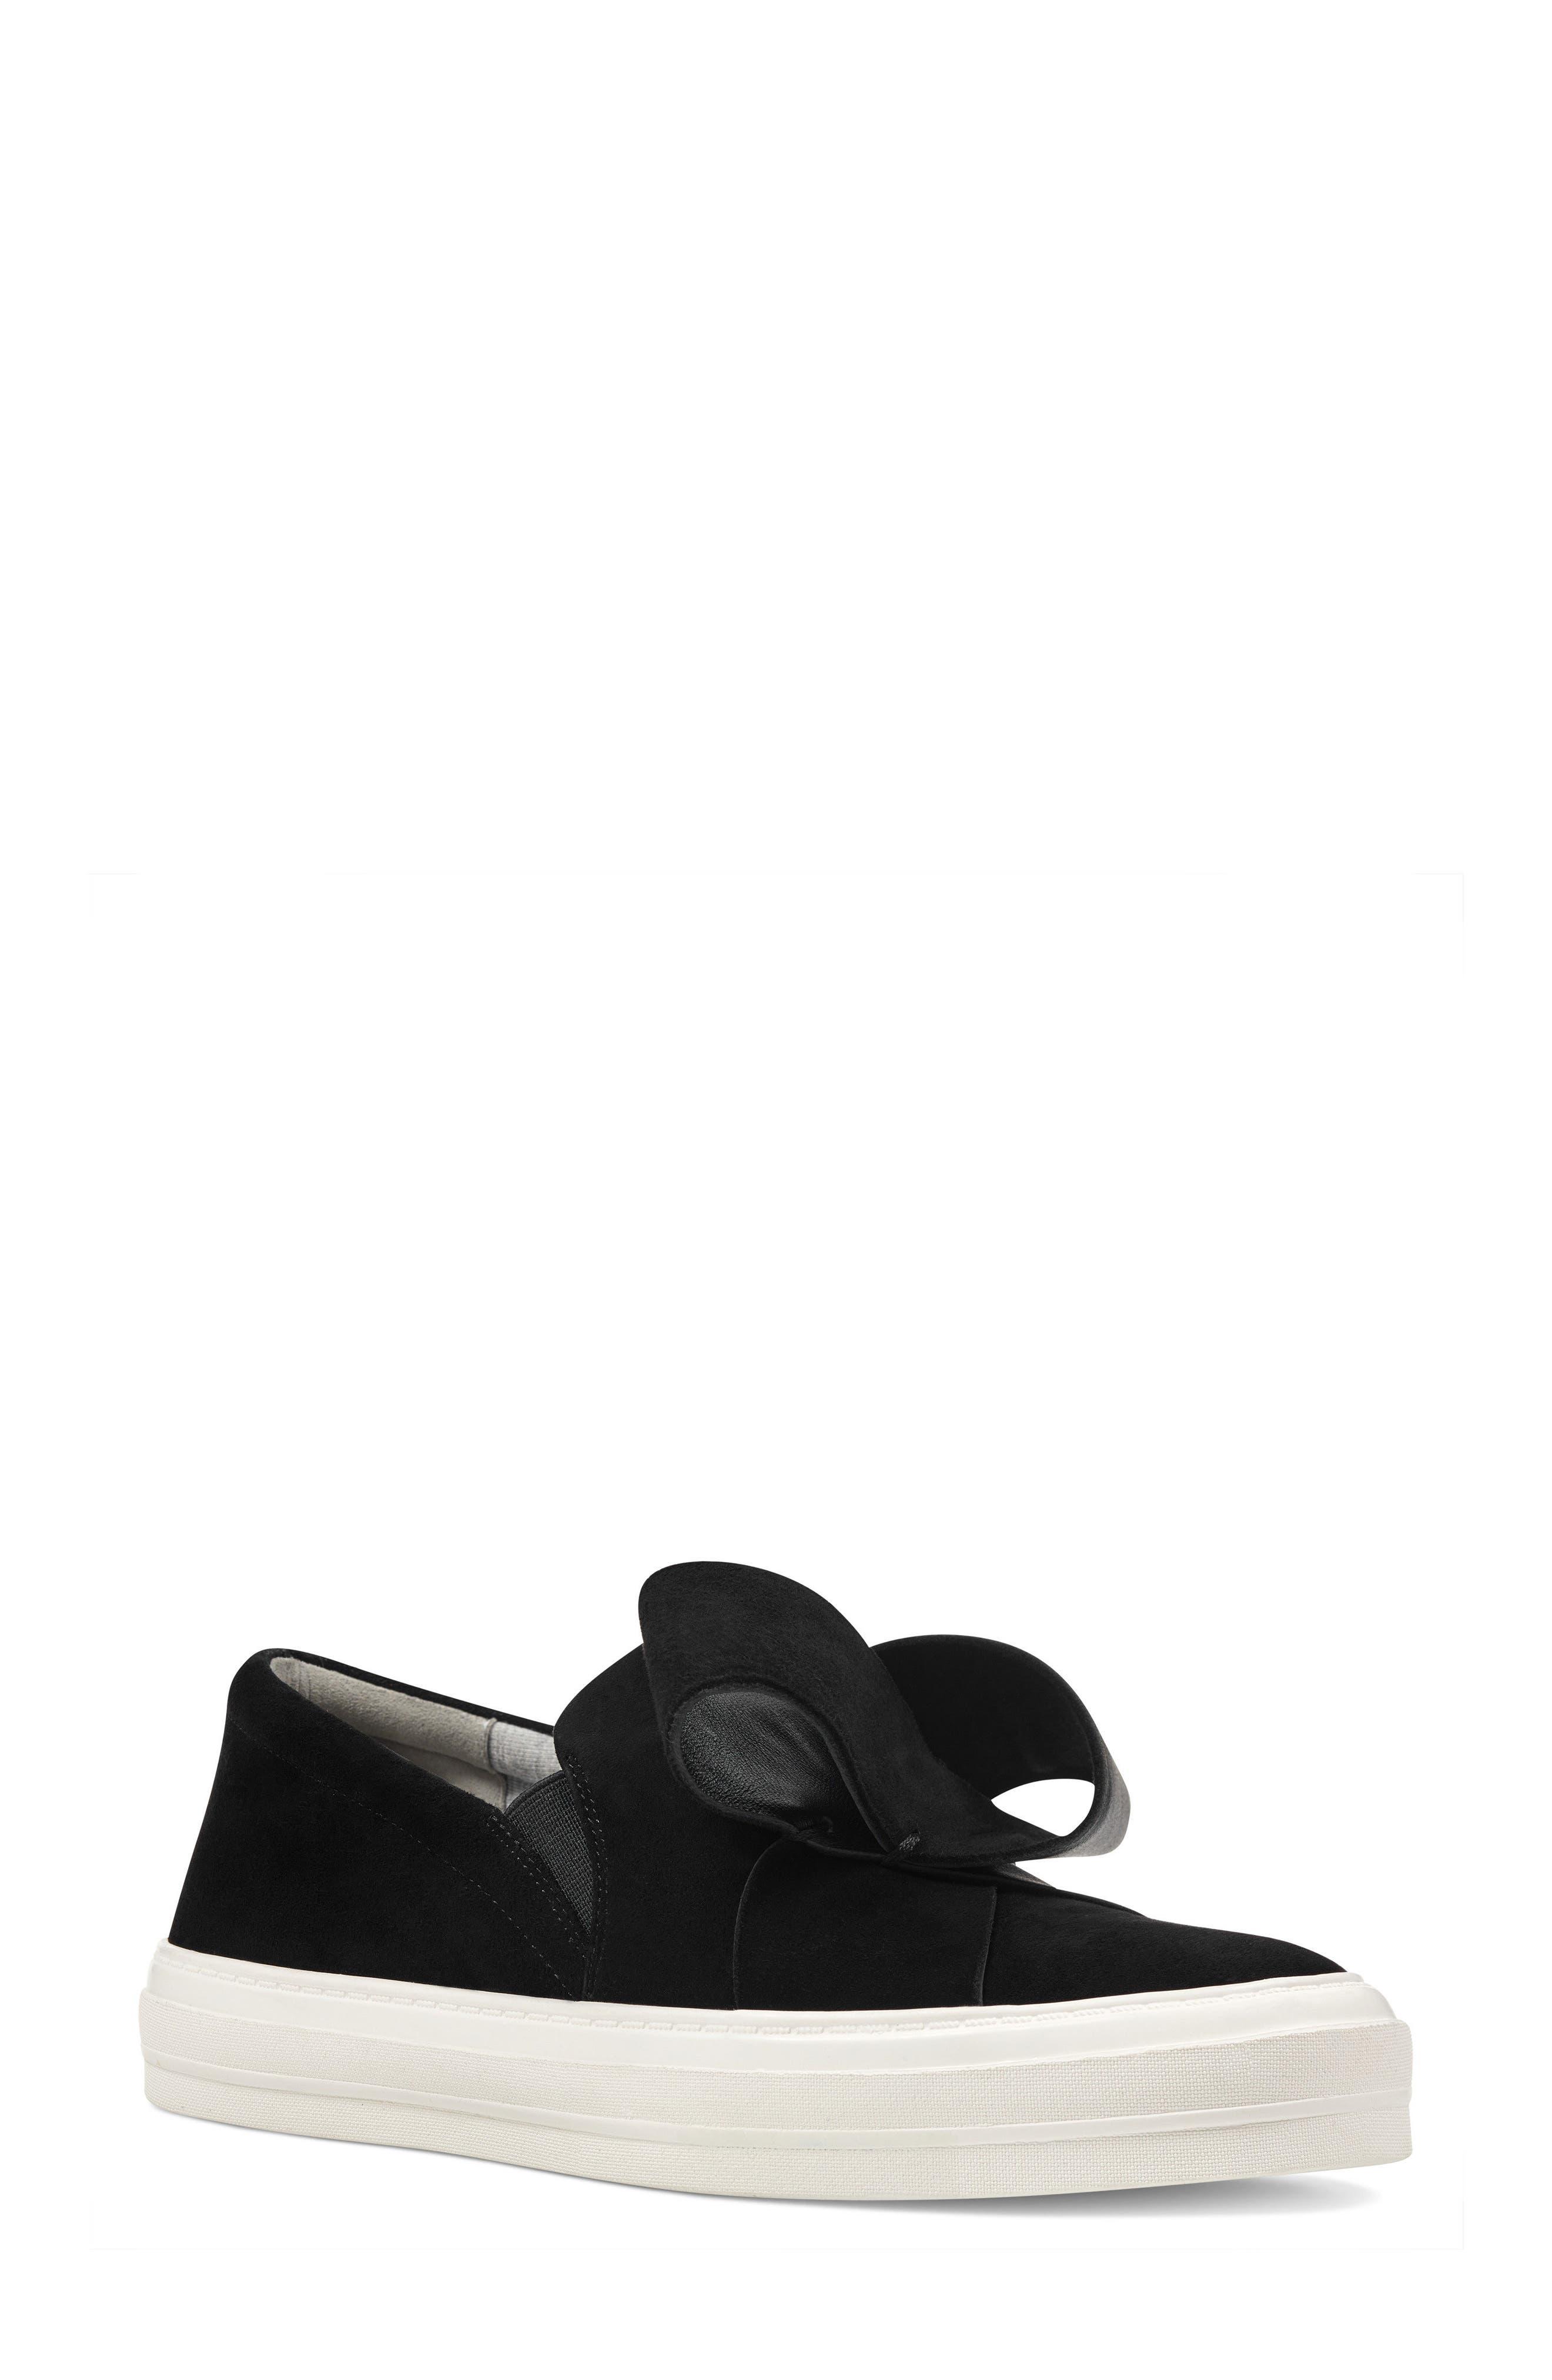 Odienella Slip-On Sneaker,                         Main,                         color, BLACK MULTI SUEDE